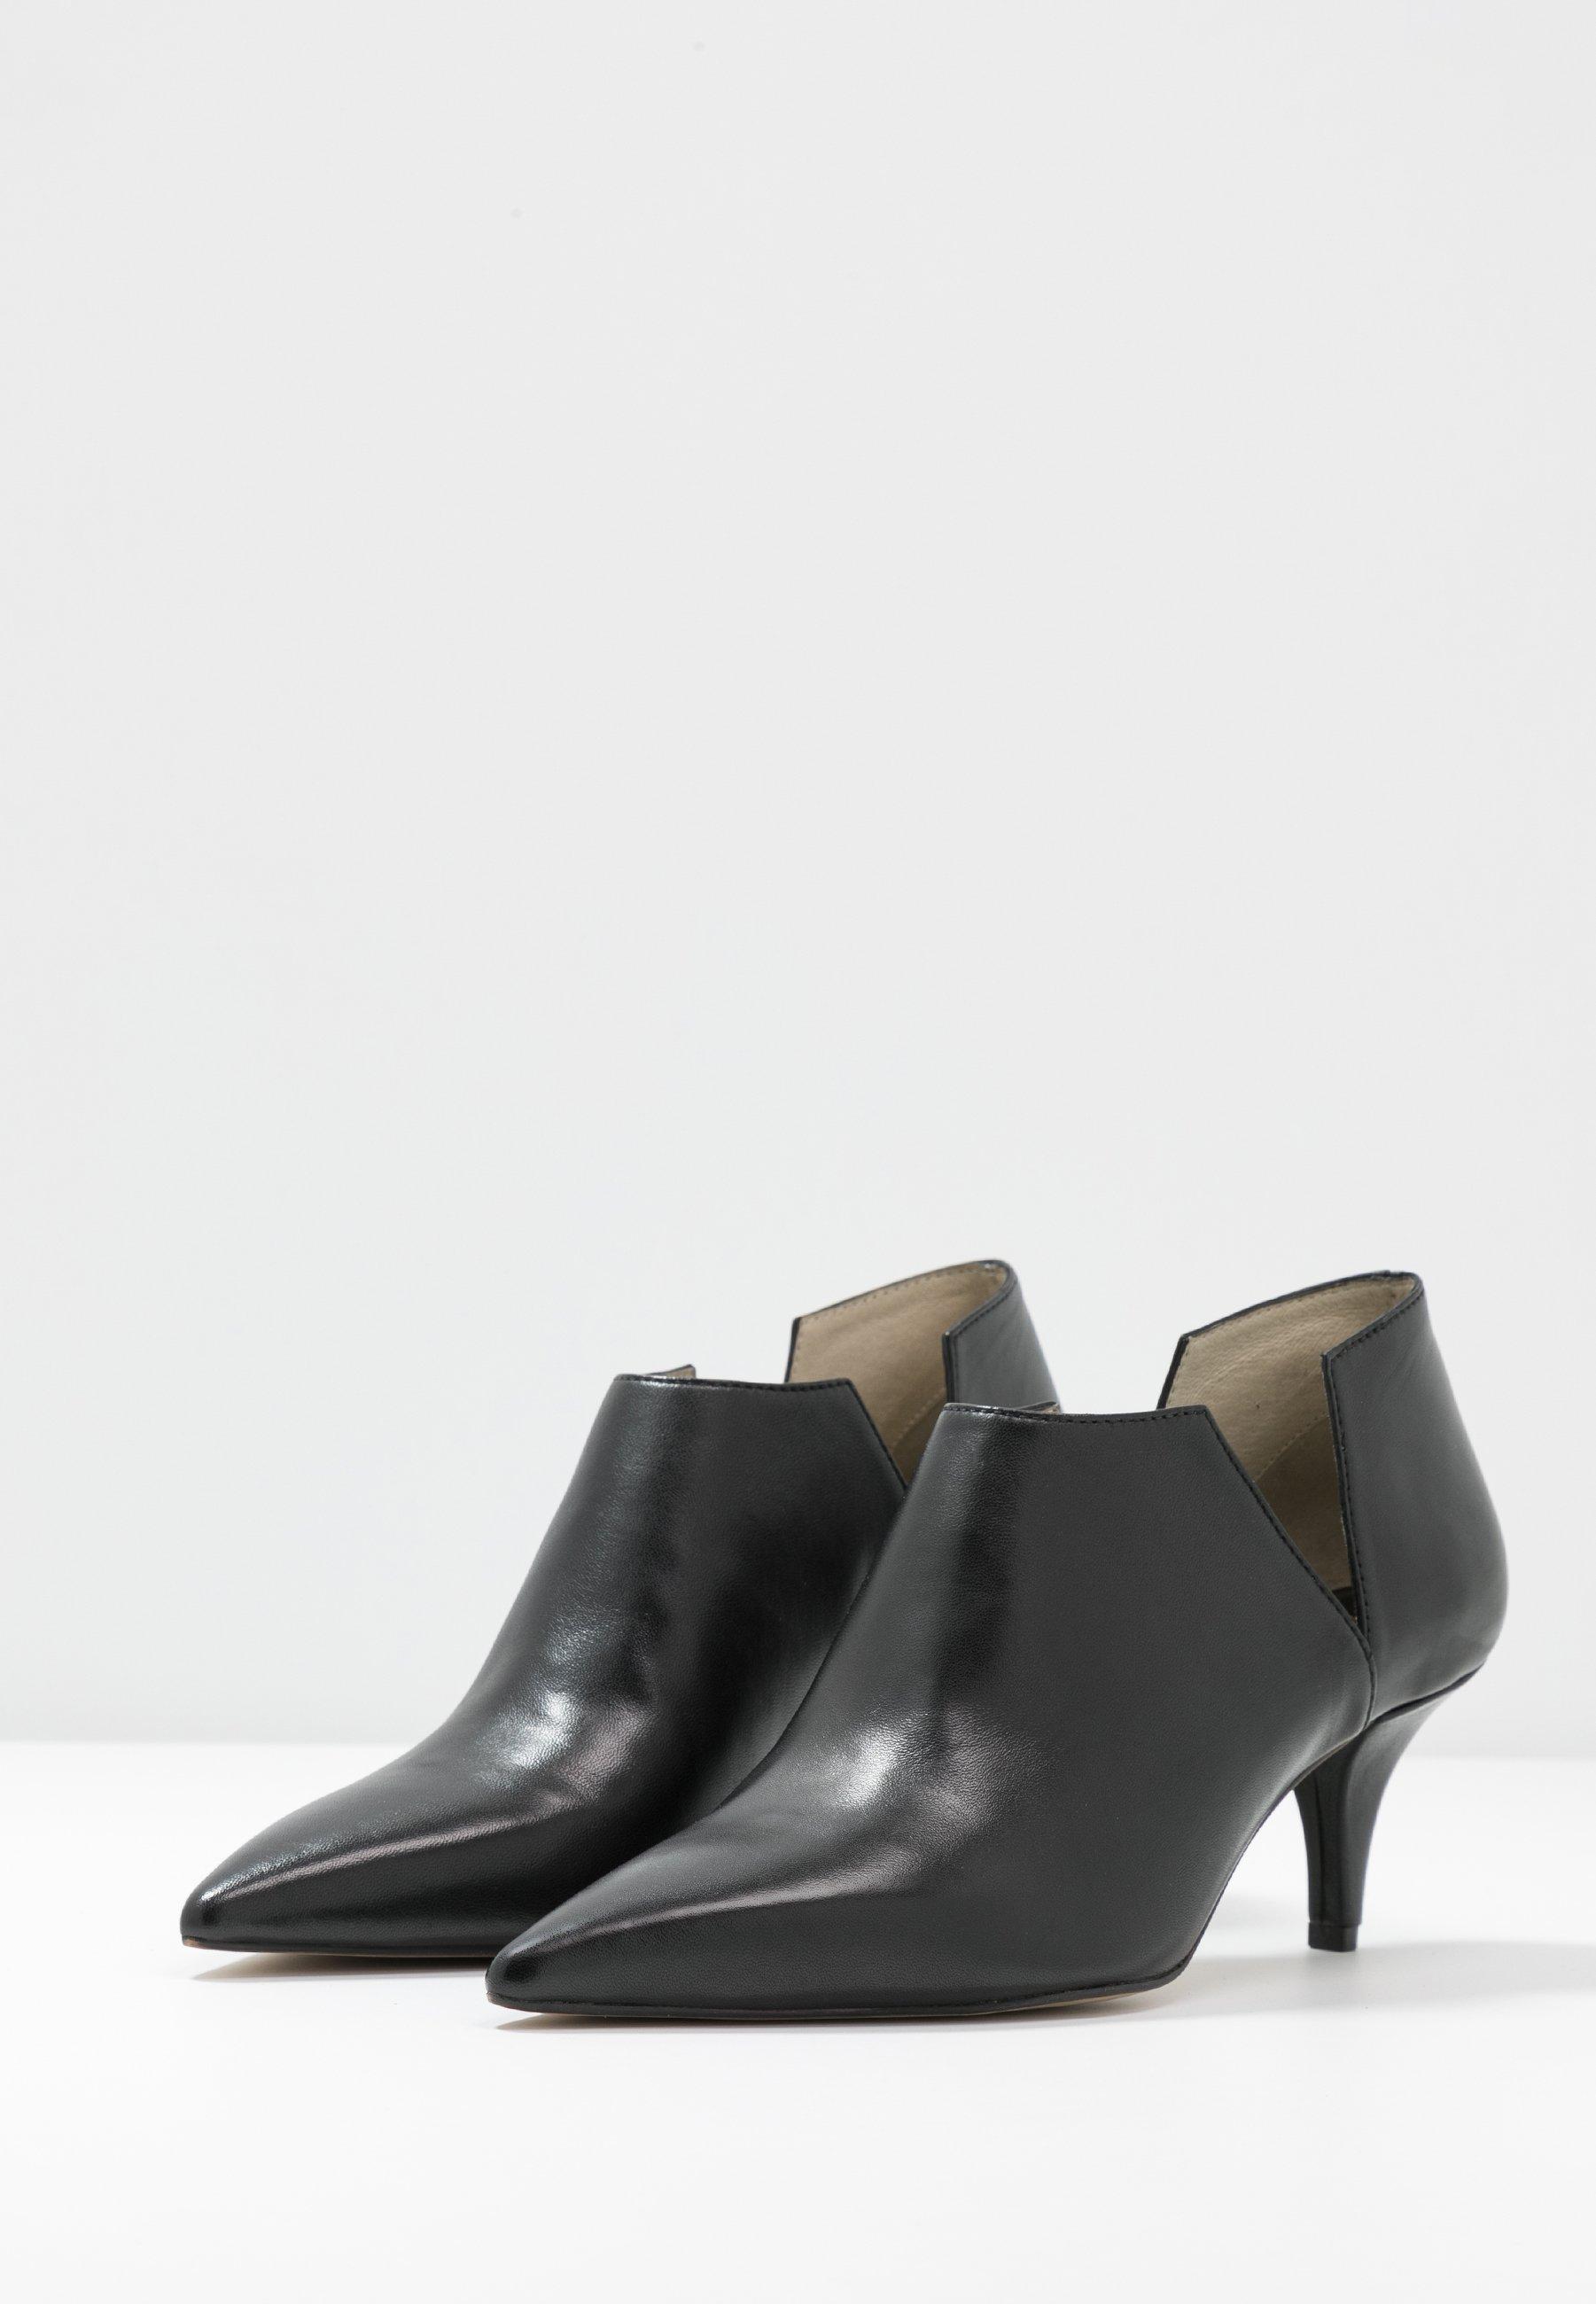 Bruno Premi Ankle Boots - Black